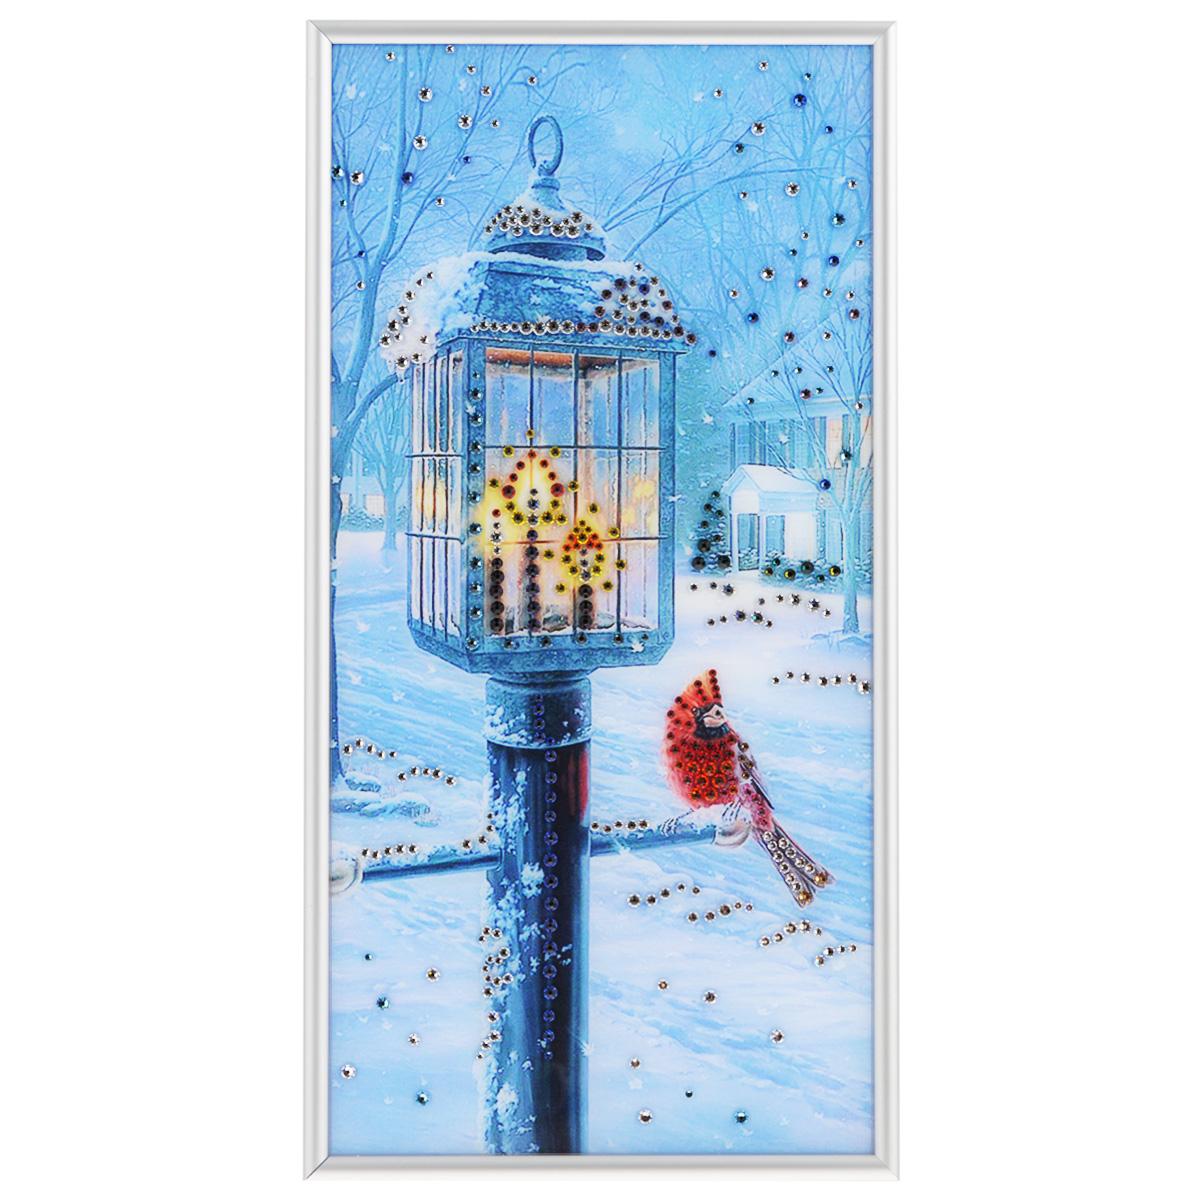 Картина с кристаллами Swarovski Рождественский вечер, 20 см х 40 см1261Изящная картина в металлической раме, инкрустирована кристаллами Swarovski, которые отличаются четкой и ровной огранкой, ярким блеском и чистотой цвета. Красочное изображение уличного фонаря и птички, расположенное под стеклом, прекрасно дополняет блеск кристаллов. С обратной стороны имеется металлическая петелька для размещения картины на стене. Картина с кристаллами Swarovski Рождественский вечер элегантно украсит интерьер дома или офиса, а также станет прекрасным подарком, который обязательно понравится получателю. Блеск кристаллов в интерьере, что может быть сказочнее и удивительнее. Картина упакована в подарочную картонную коробку синего цвета и комплектуется сертификатом соответствия Swarovski.